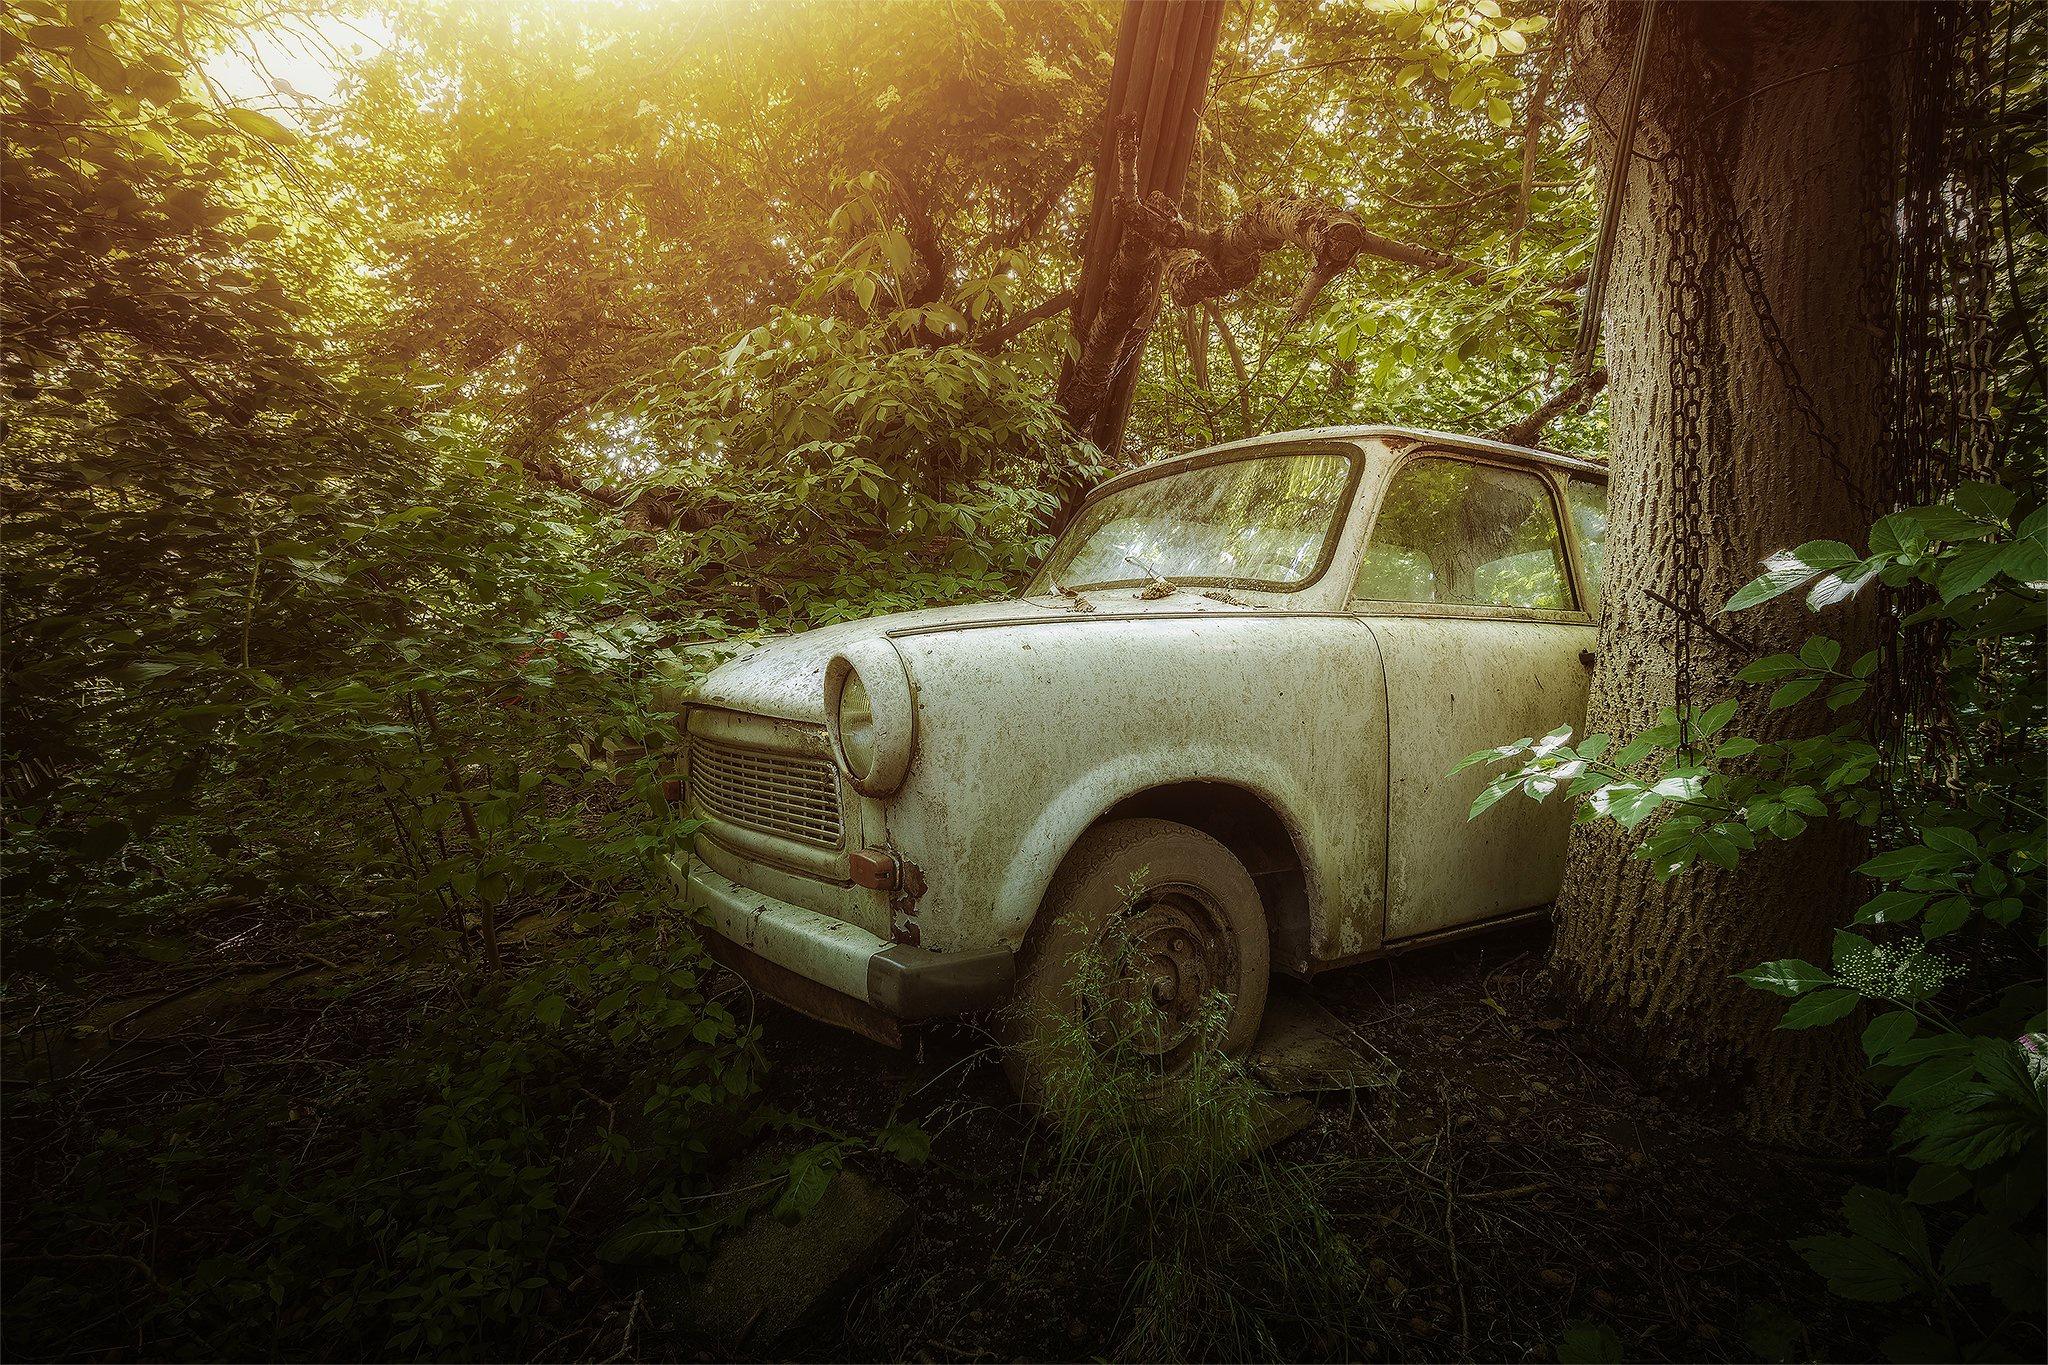 этом машина в лесу картинка для несколько старых мешков